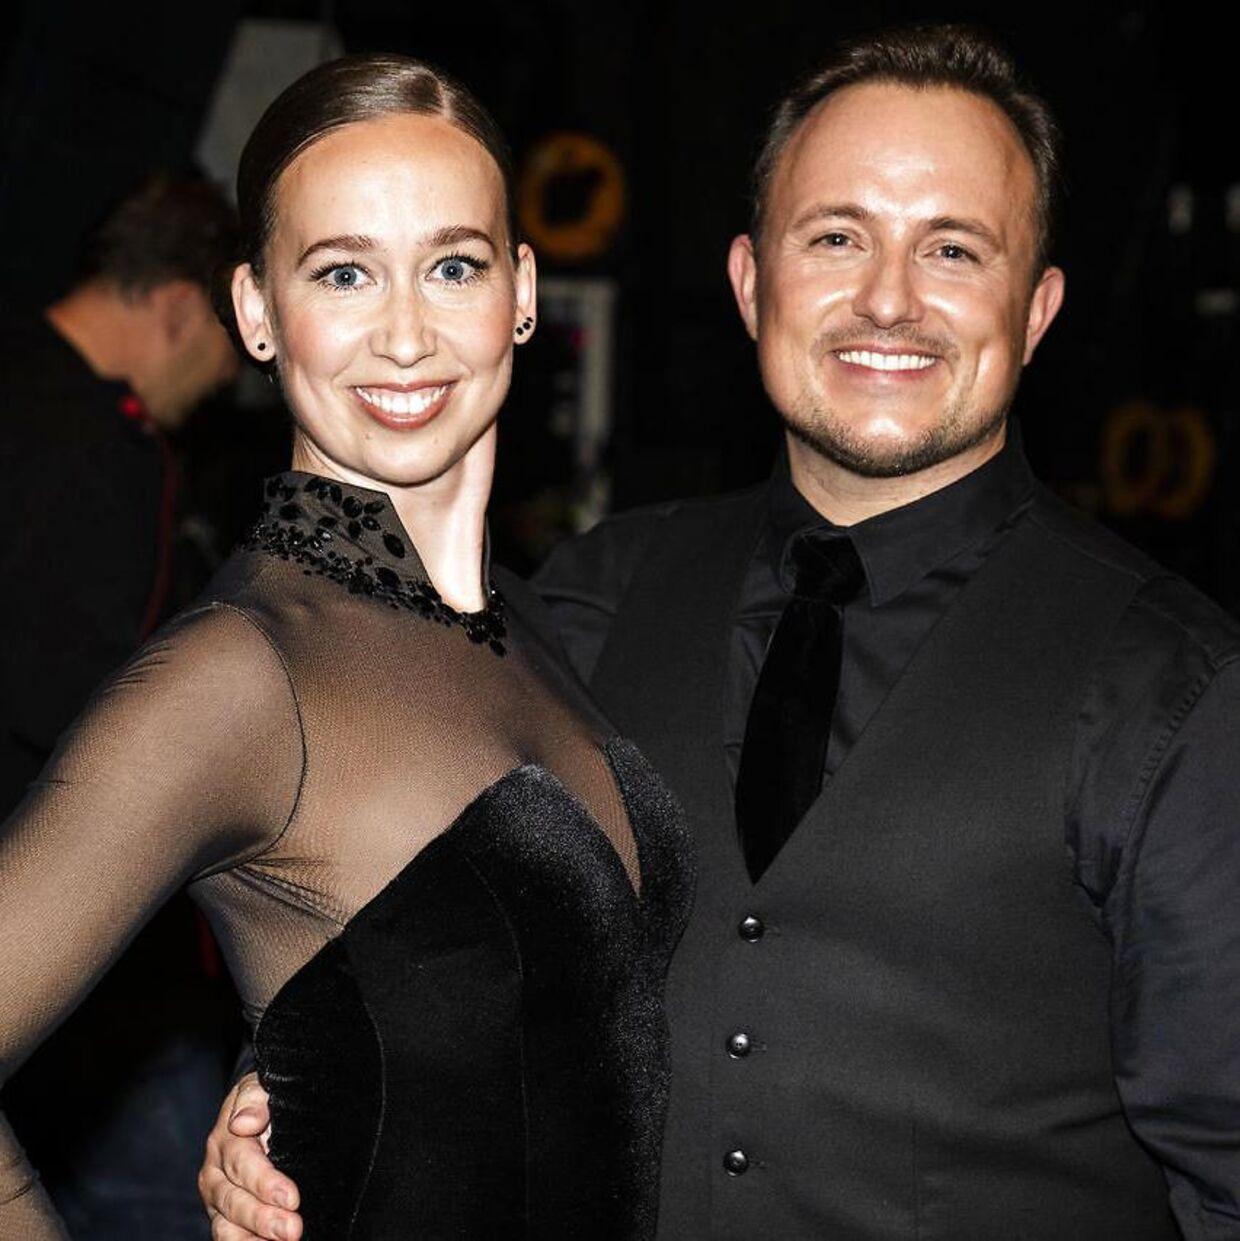 Skuespiller Merete Mærkedahl og Thomas Evers Poulsen under sæsonpremieren på 'Vild med dans'.